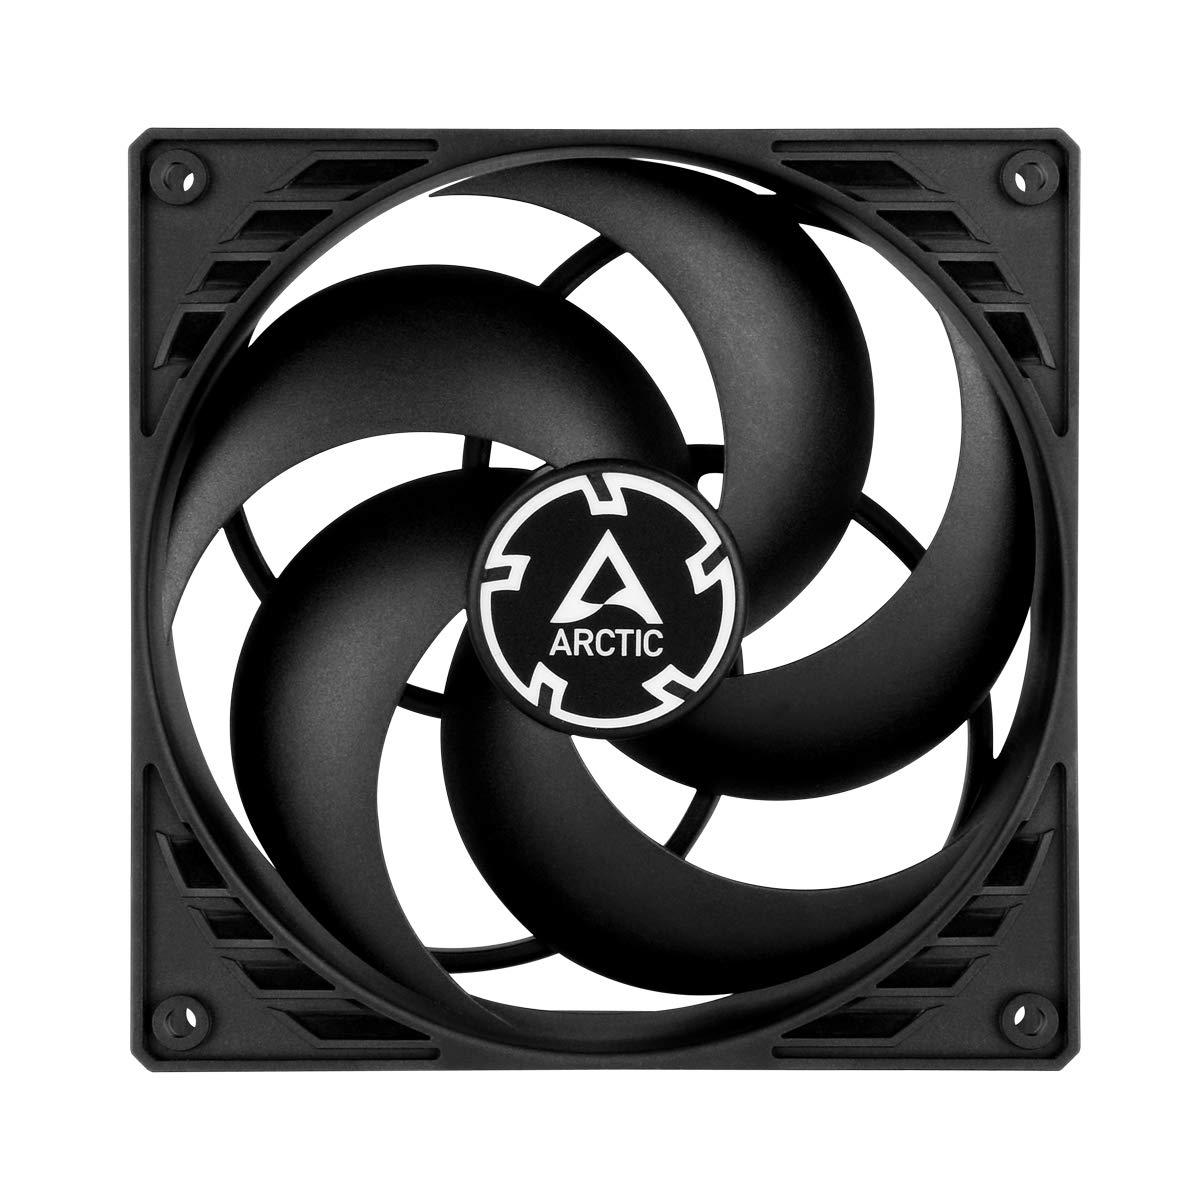 Best 120mm Case Fan